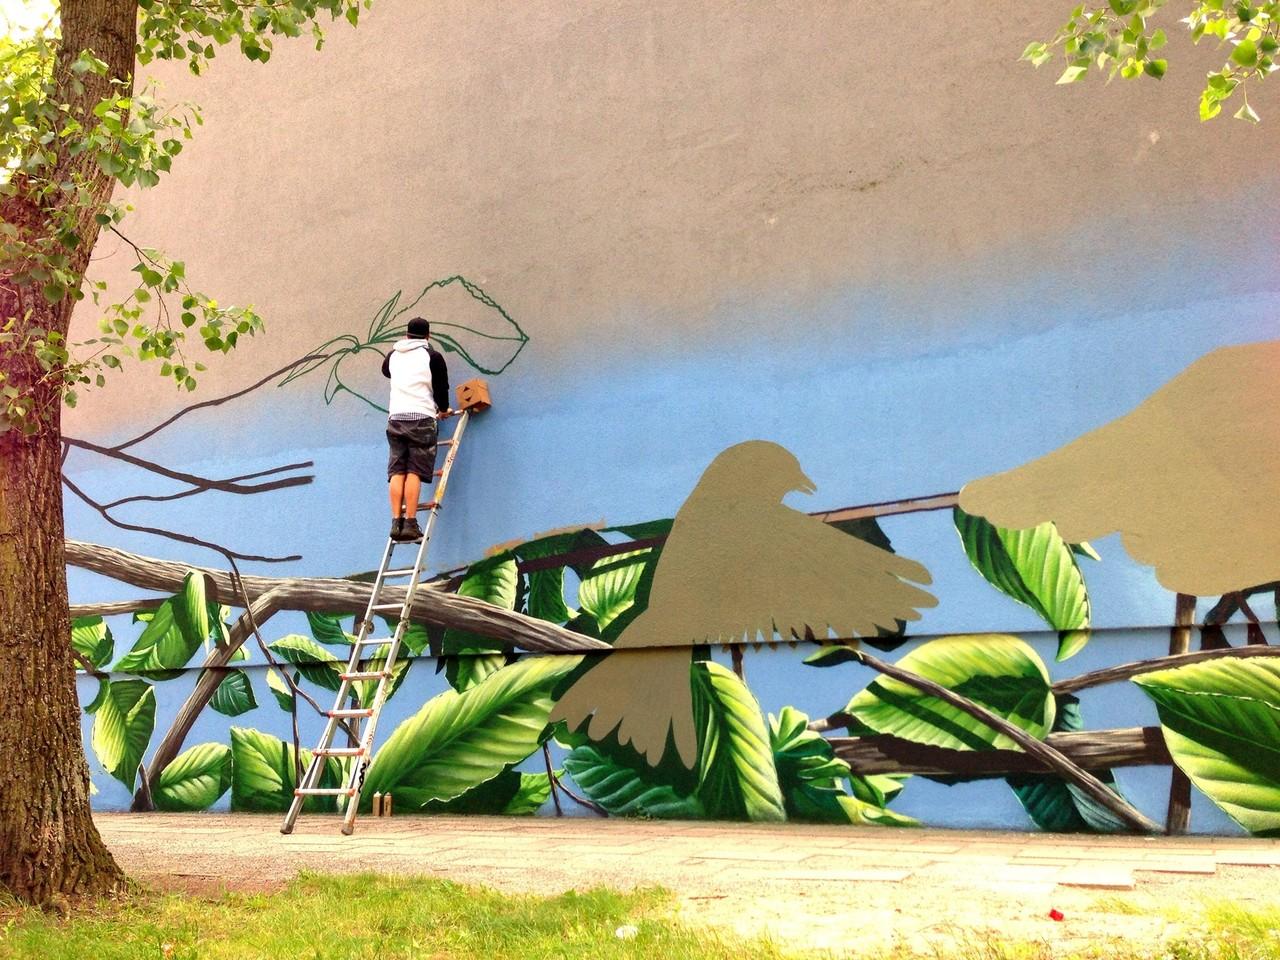 Graffitikünstler an der Fassade gestaltet Fassadenbild